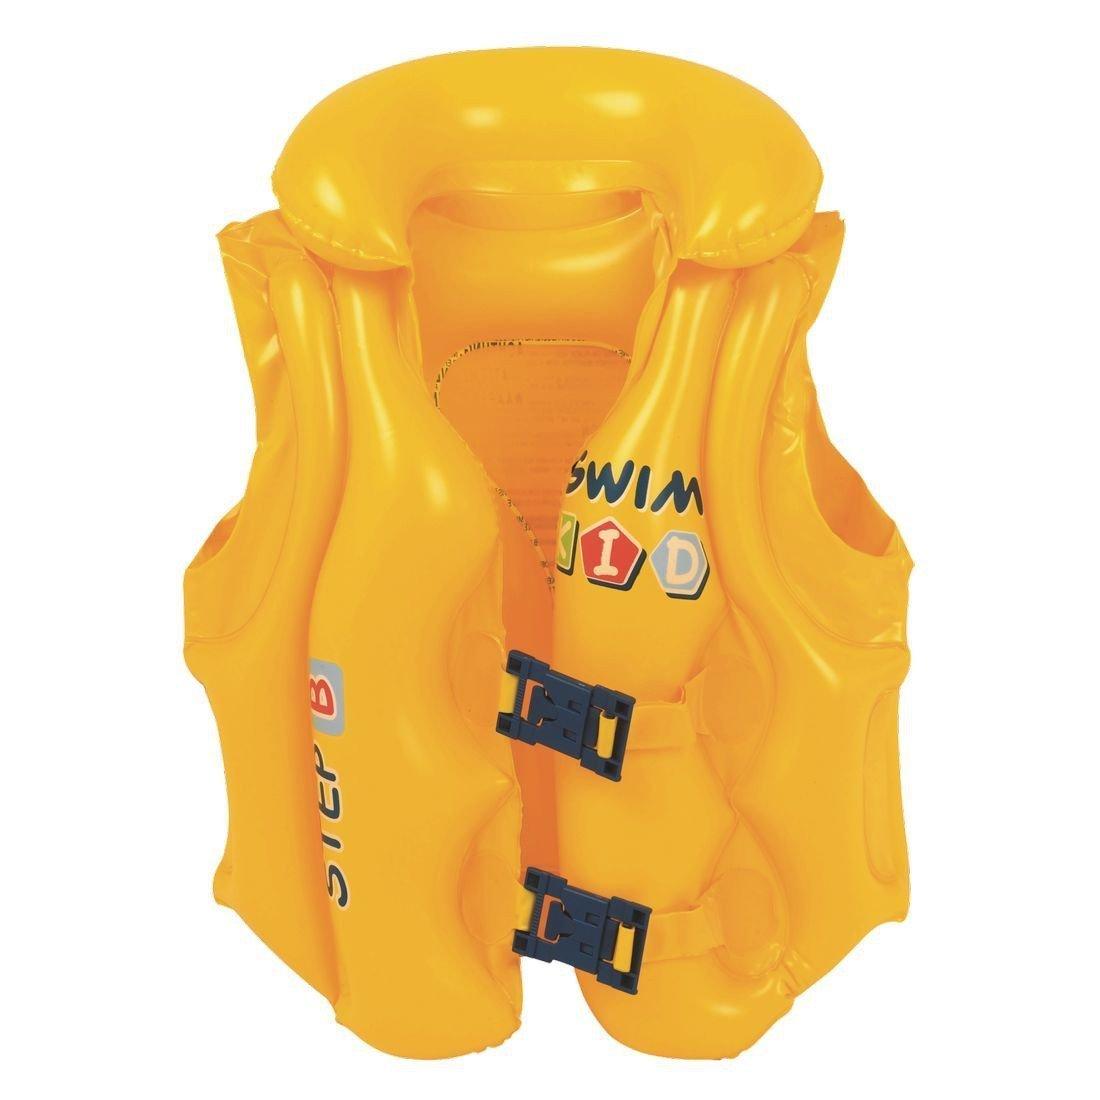 Unisex para niños de natación inflable para niños chaleco Natación chaqueta de seguridad Paso B Amarillo Jilong: Amazon.es: Hogar